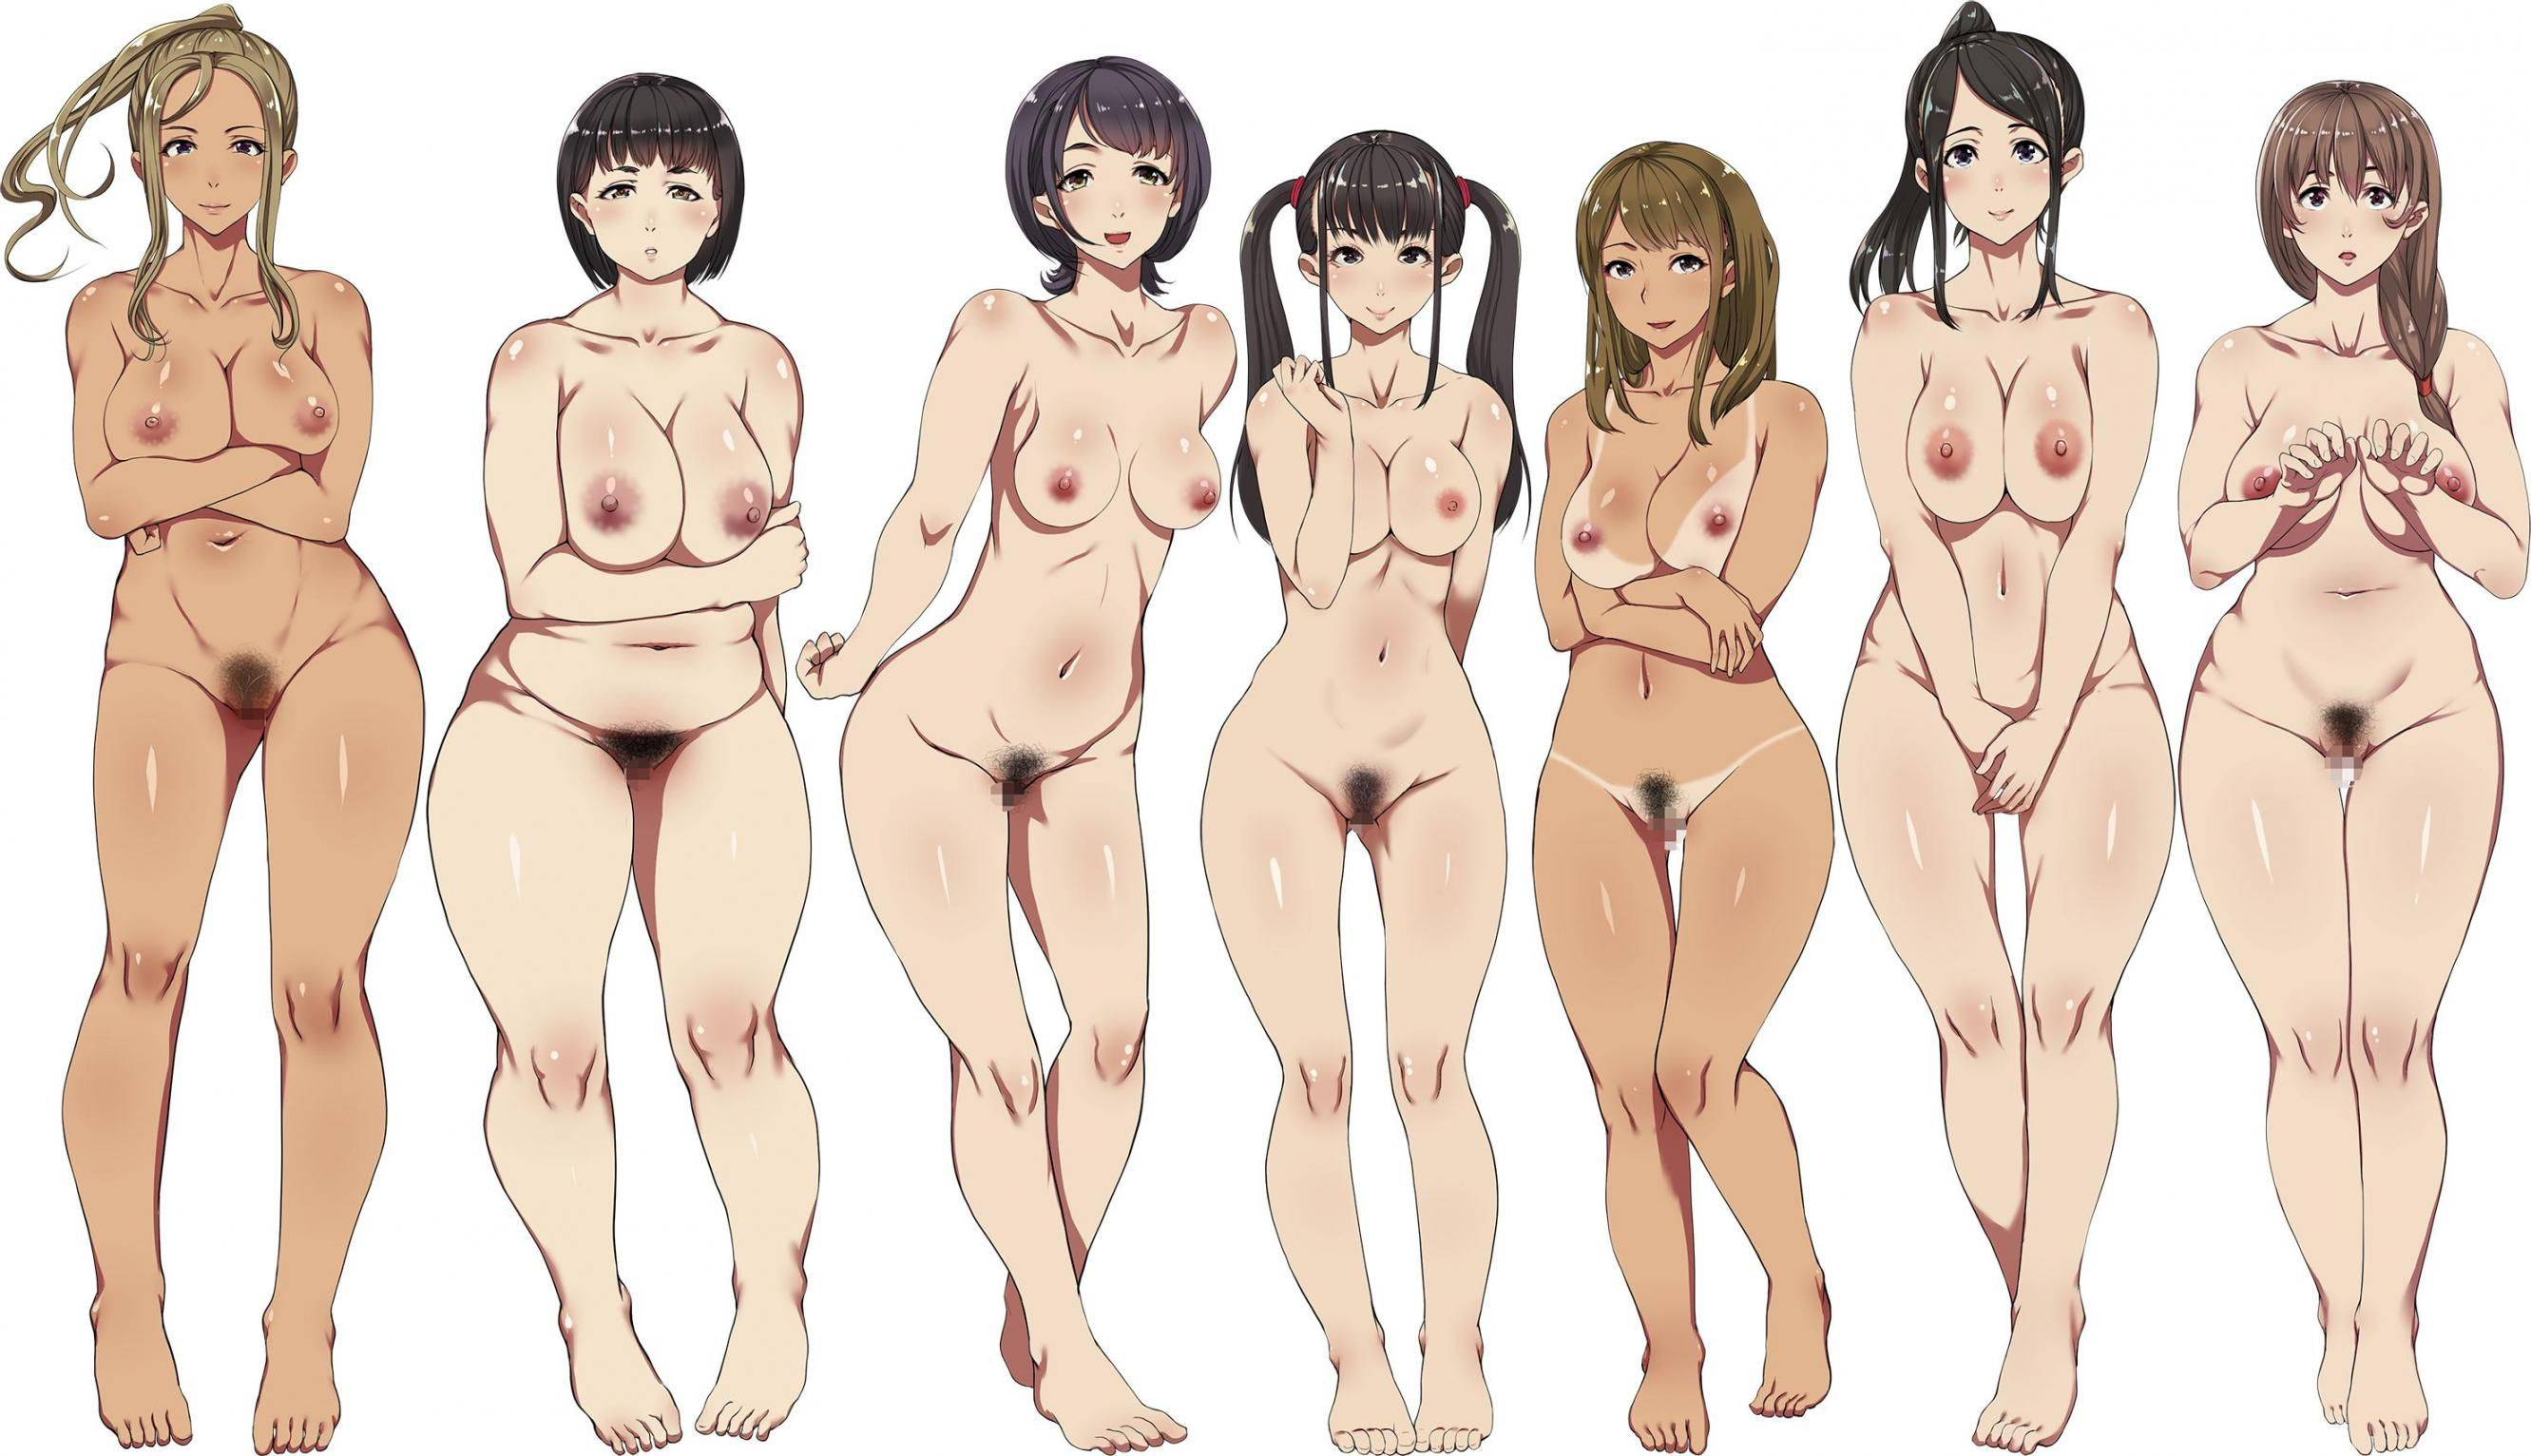 【どれにしようかな?】女の子達が全裸で立ってる二次エロ画像【2】